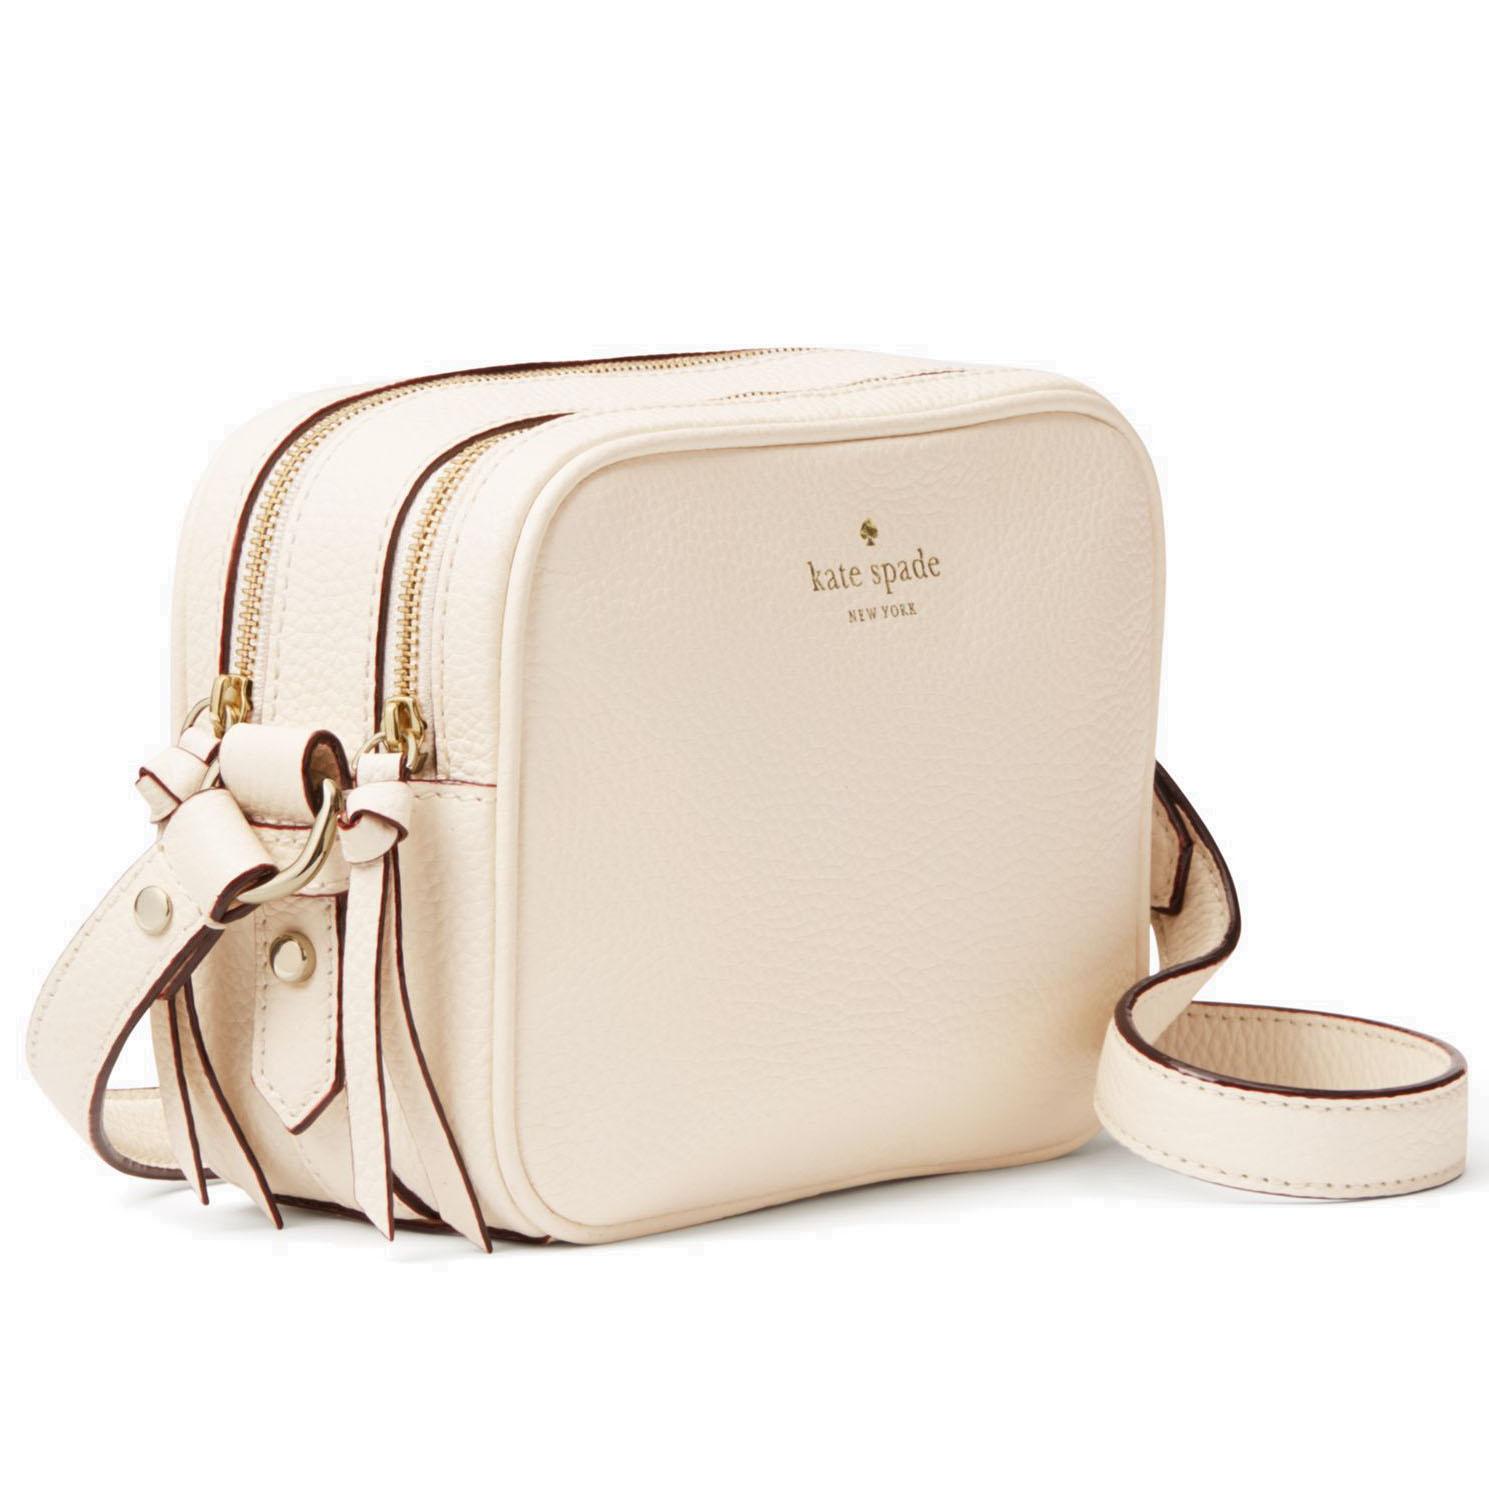 676d638601 clearance mulberry shoulder bag d8527 e3d92  get kate spade mulberry street  pyper crossbody bag cement cream wkru3925 ee4cf 7b0c4